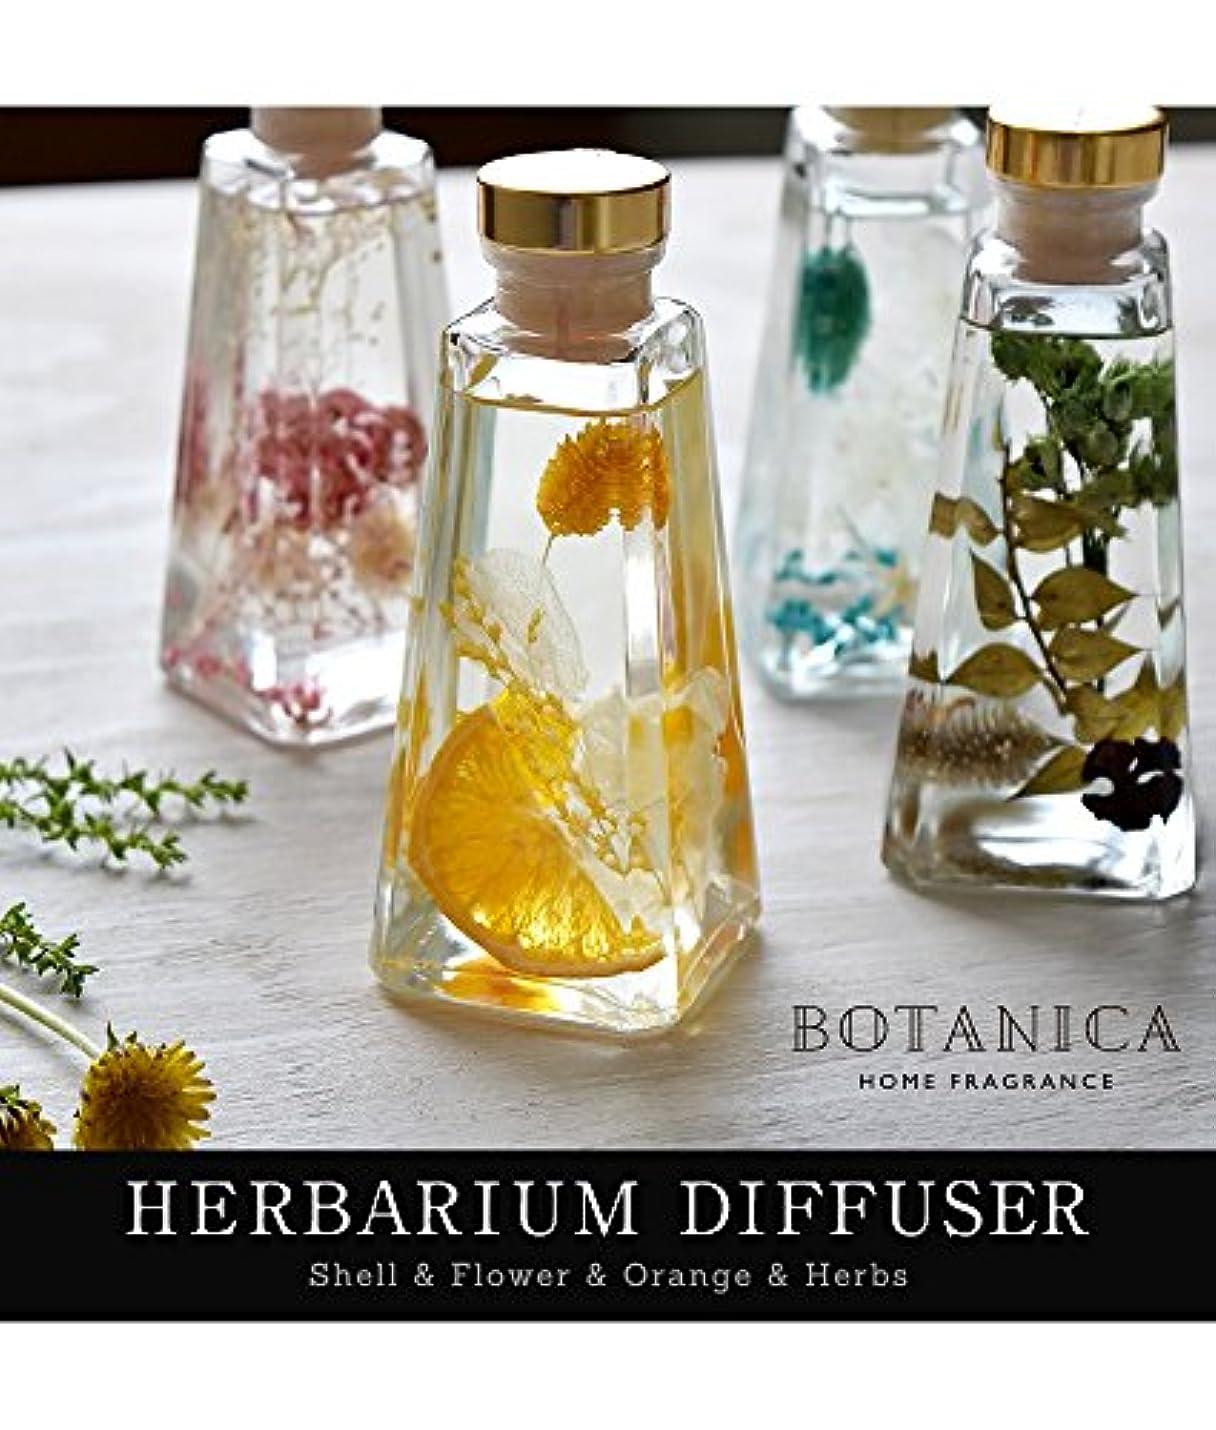 メナジェリー勝者枢機卿ボタニカ ハーバリウム ディフューザー 【グリーン/Neat Herbs】 ホームフレグランス